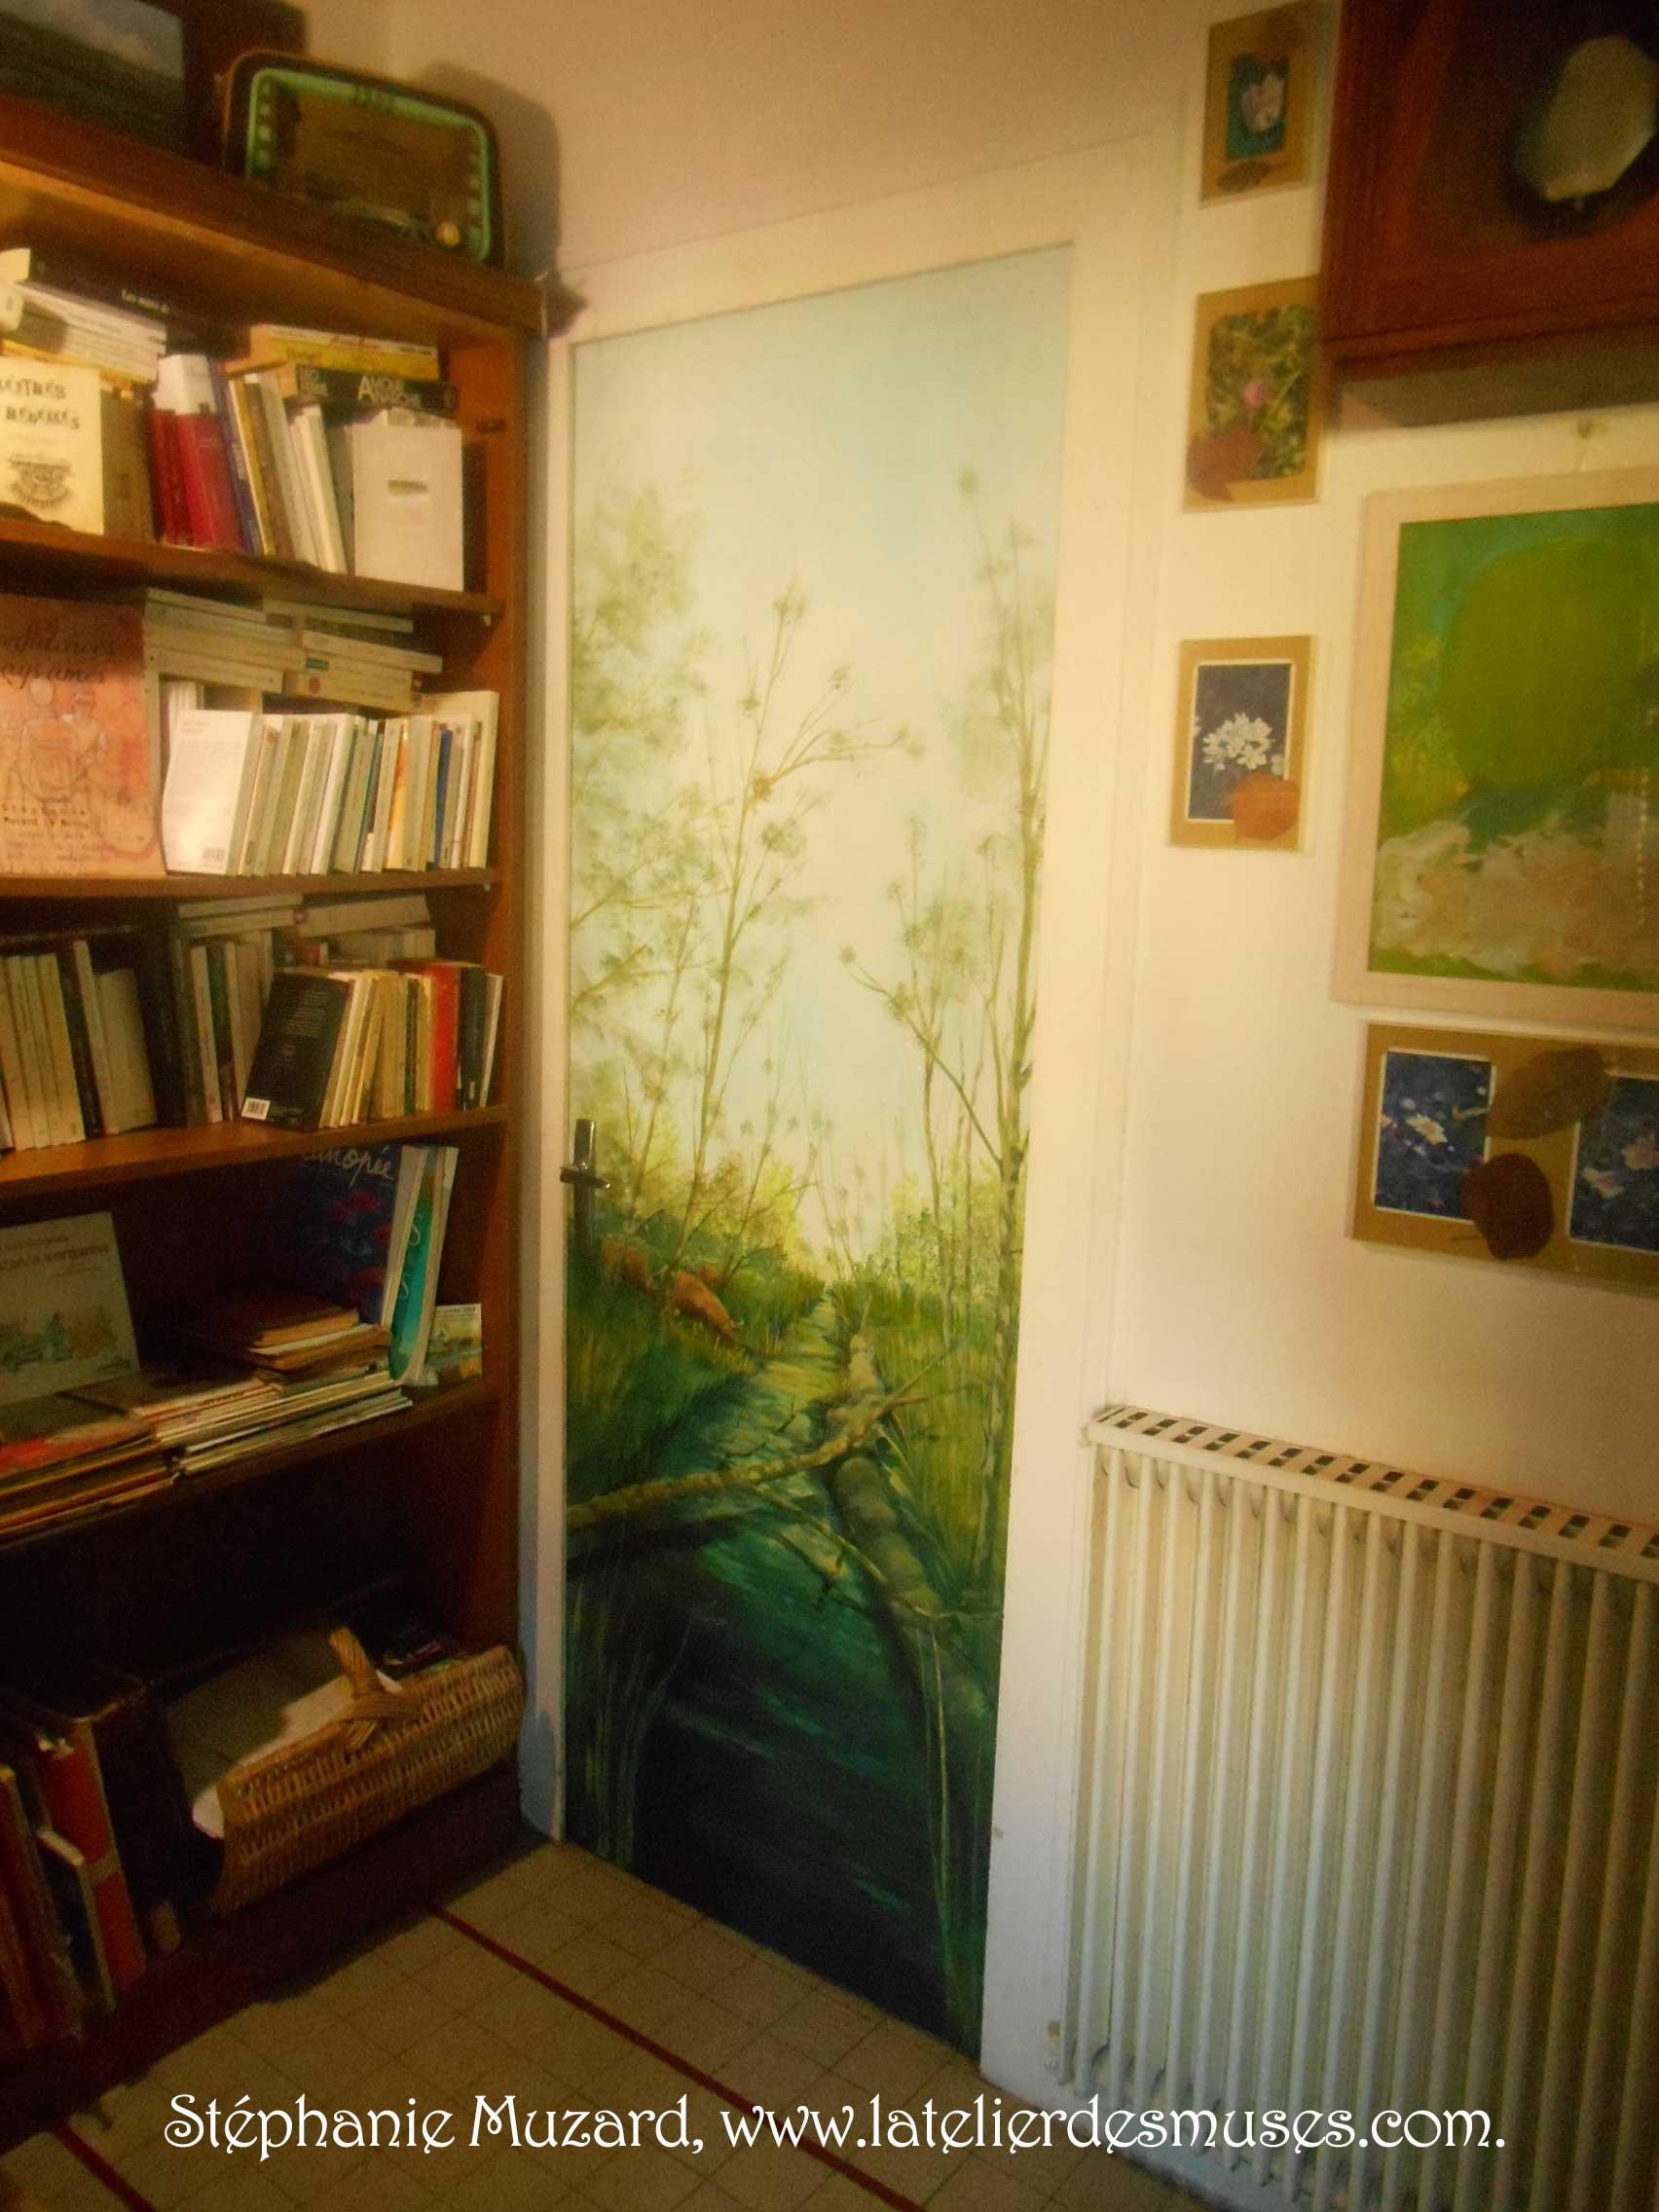 décor sur porte, Sablonceaux (17)